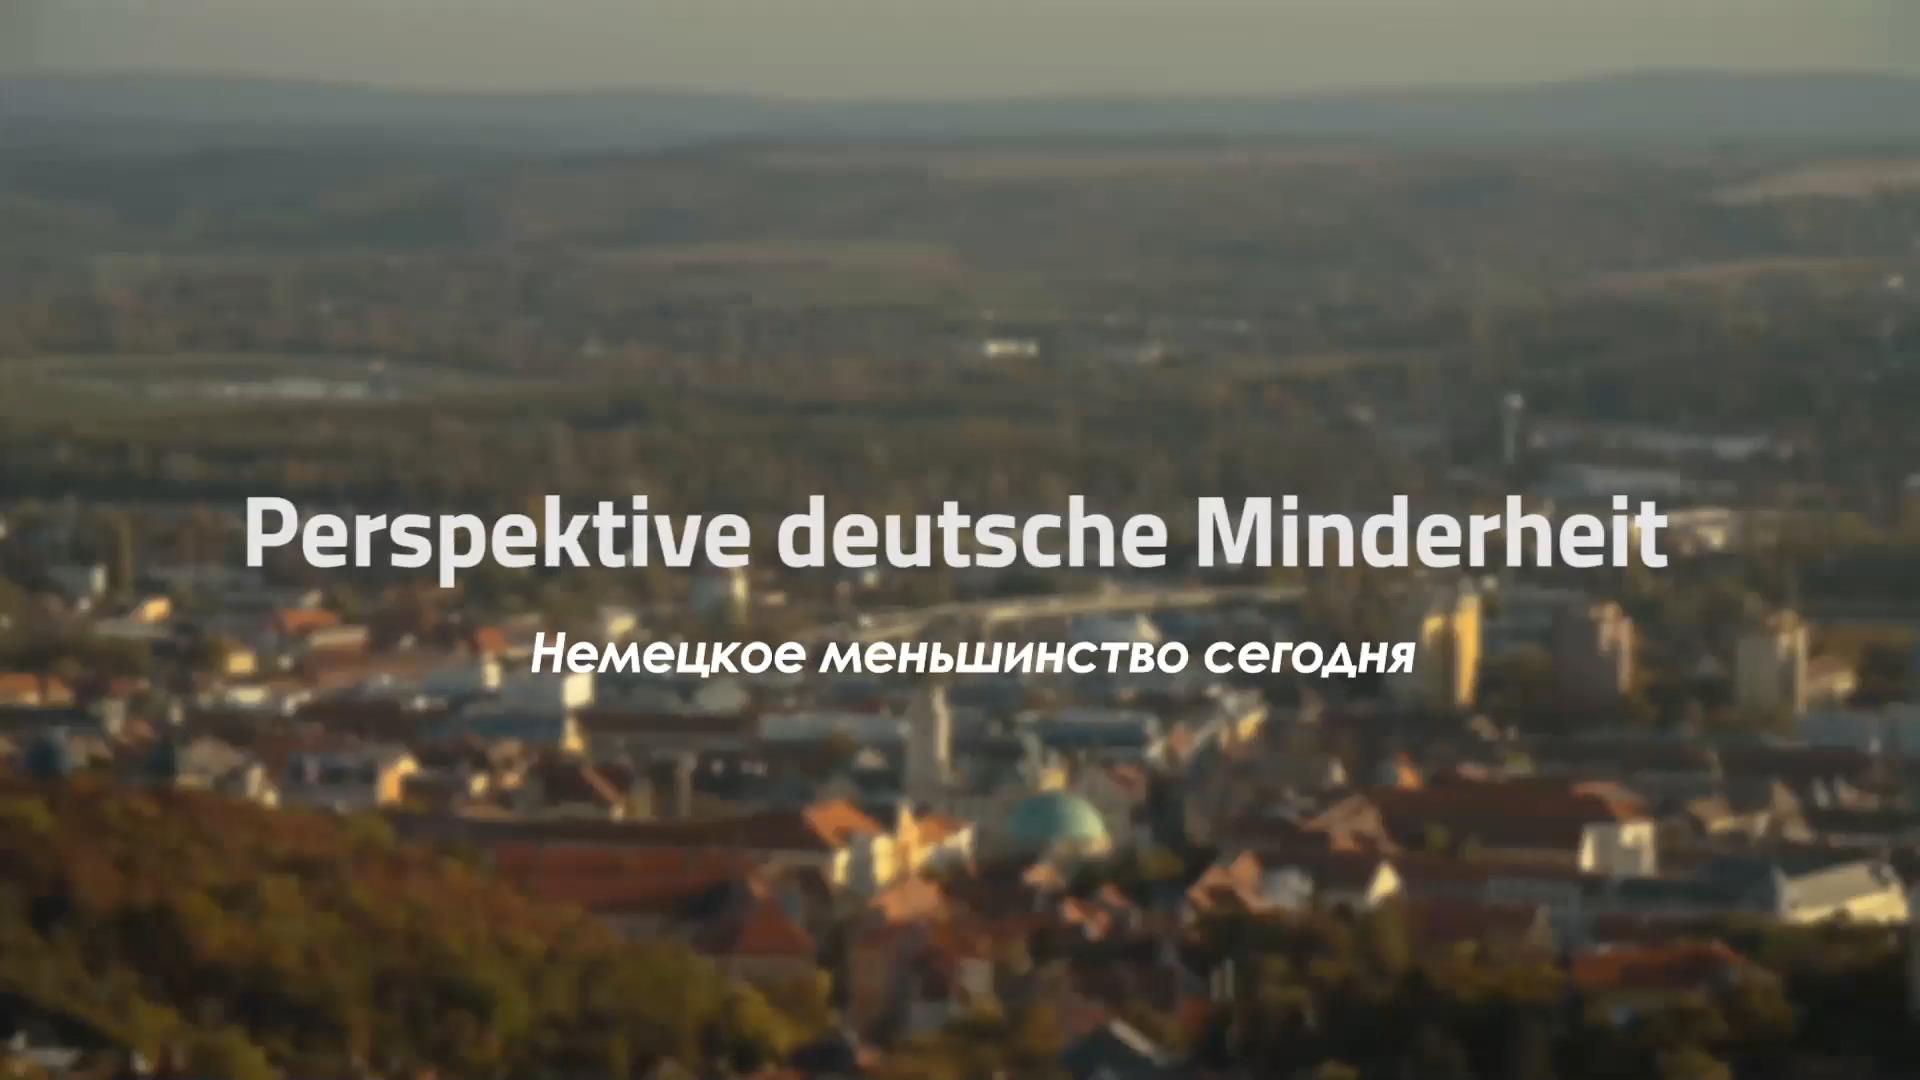 Deutsche Minderheit im Blick - Perspektiven aus Russland und Kasachstan